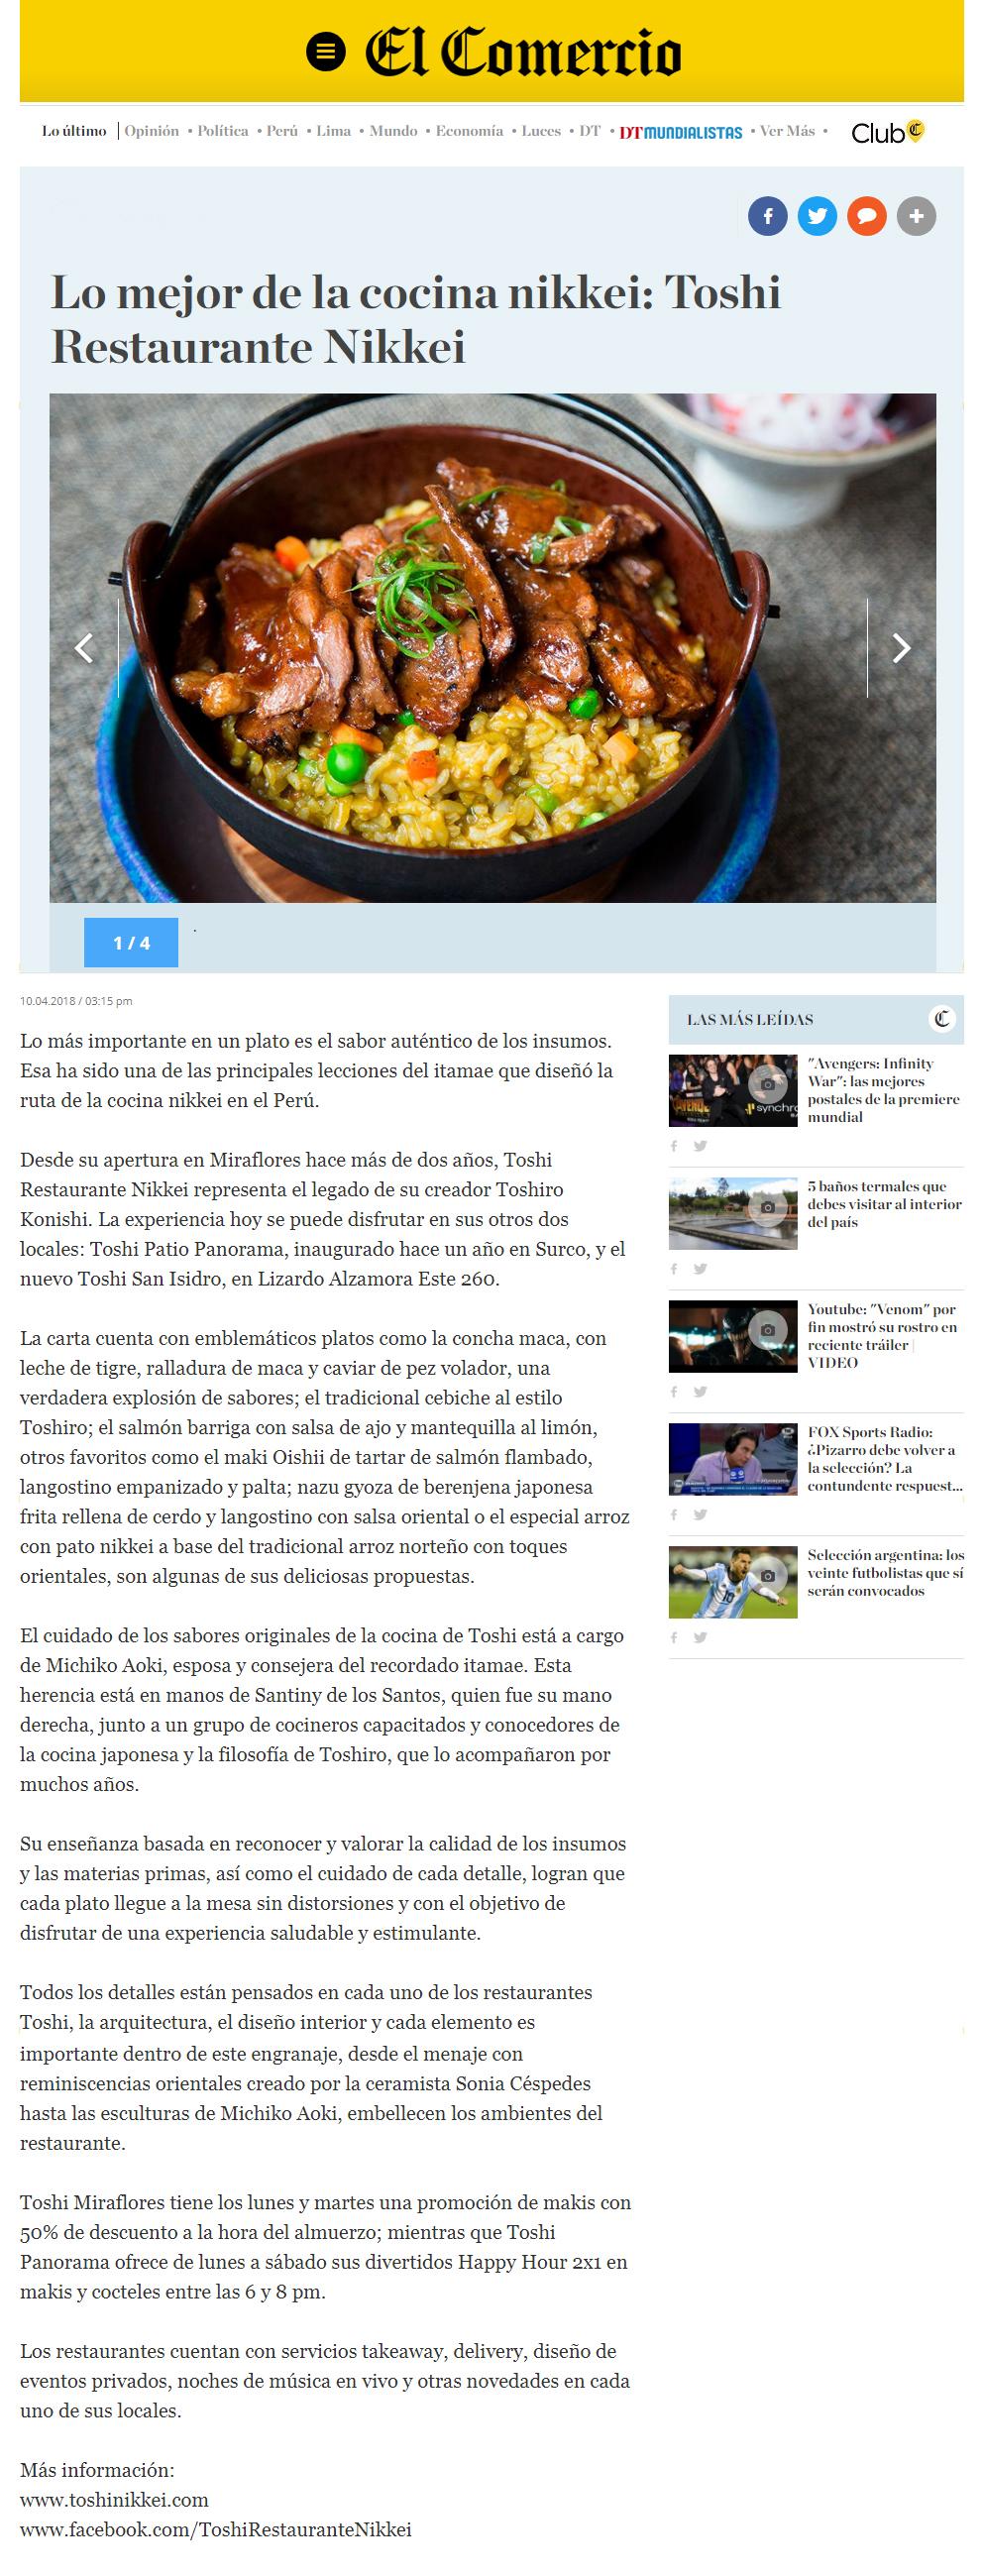 Toshi El Comercio.jpg